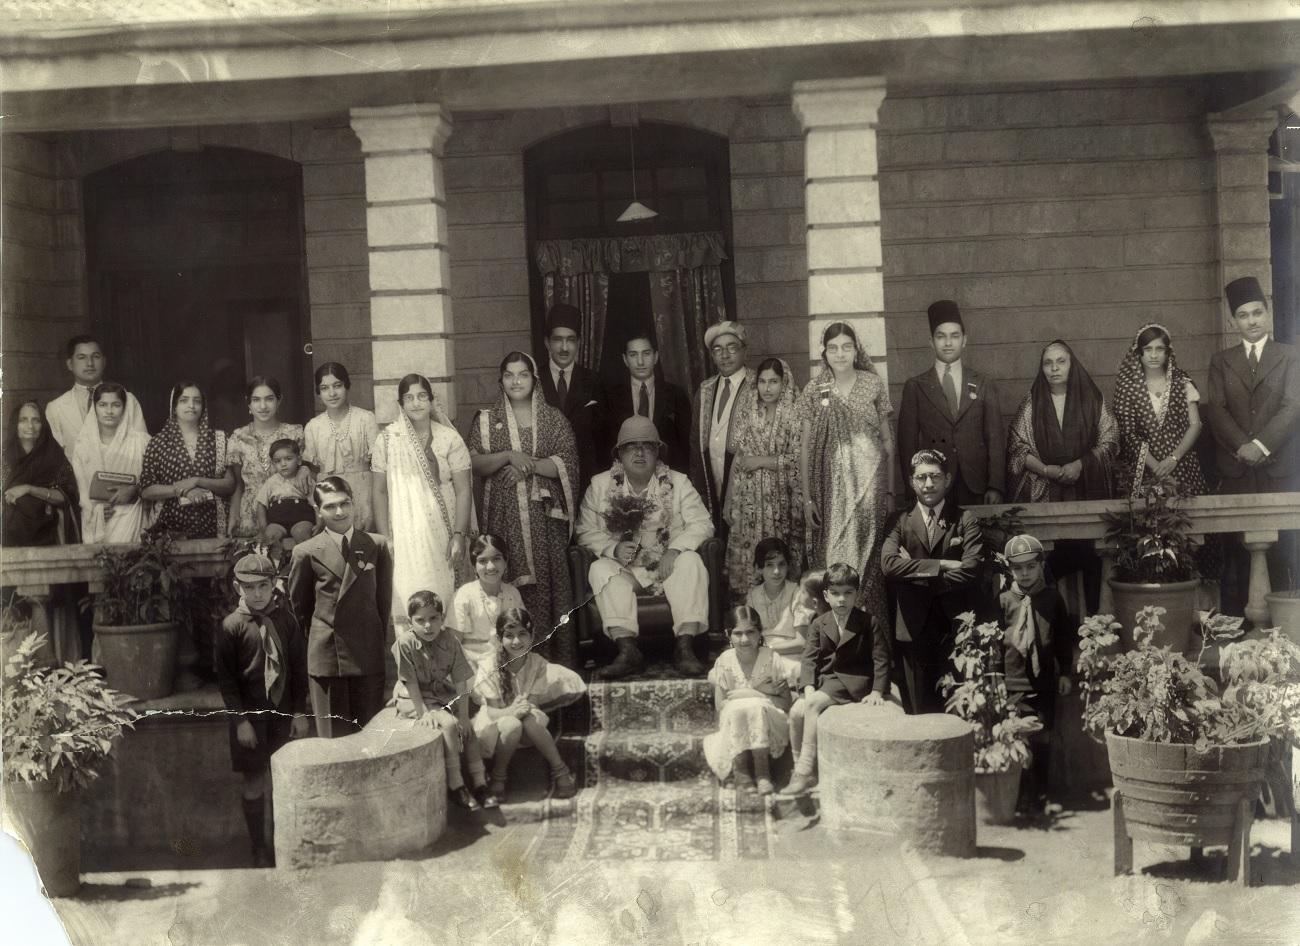 Aga Khan III Jan Karmali Collection 005, Barakah